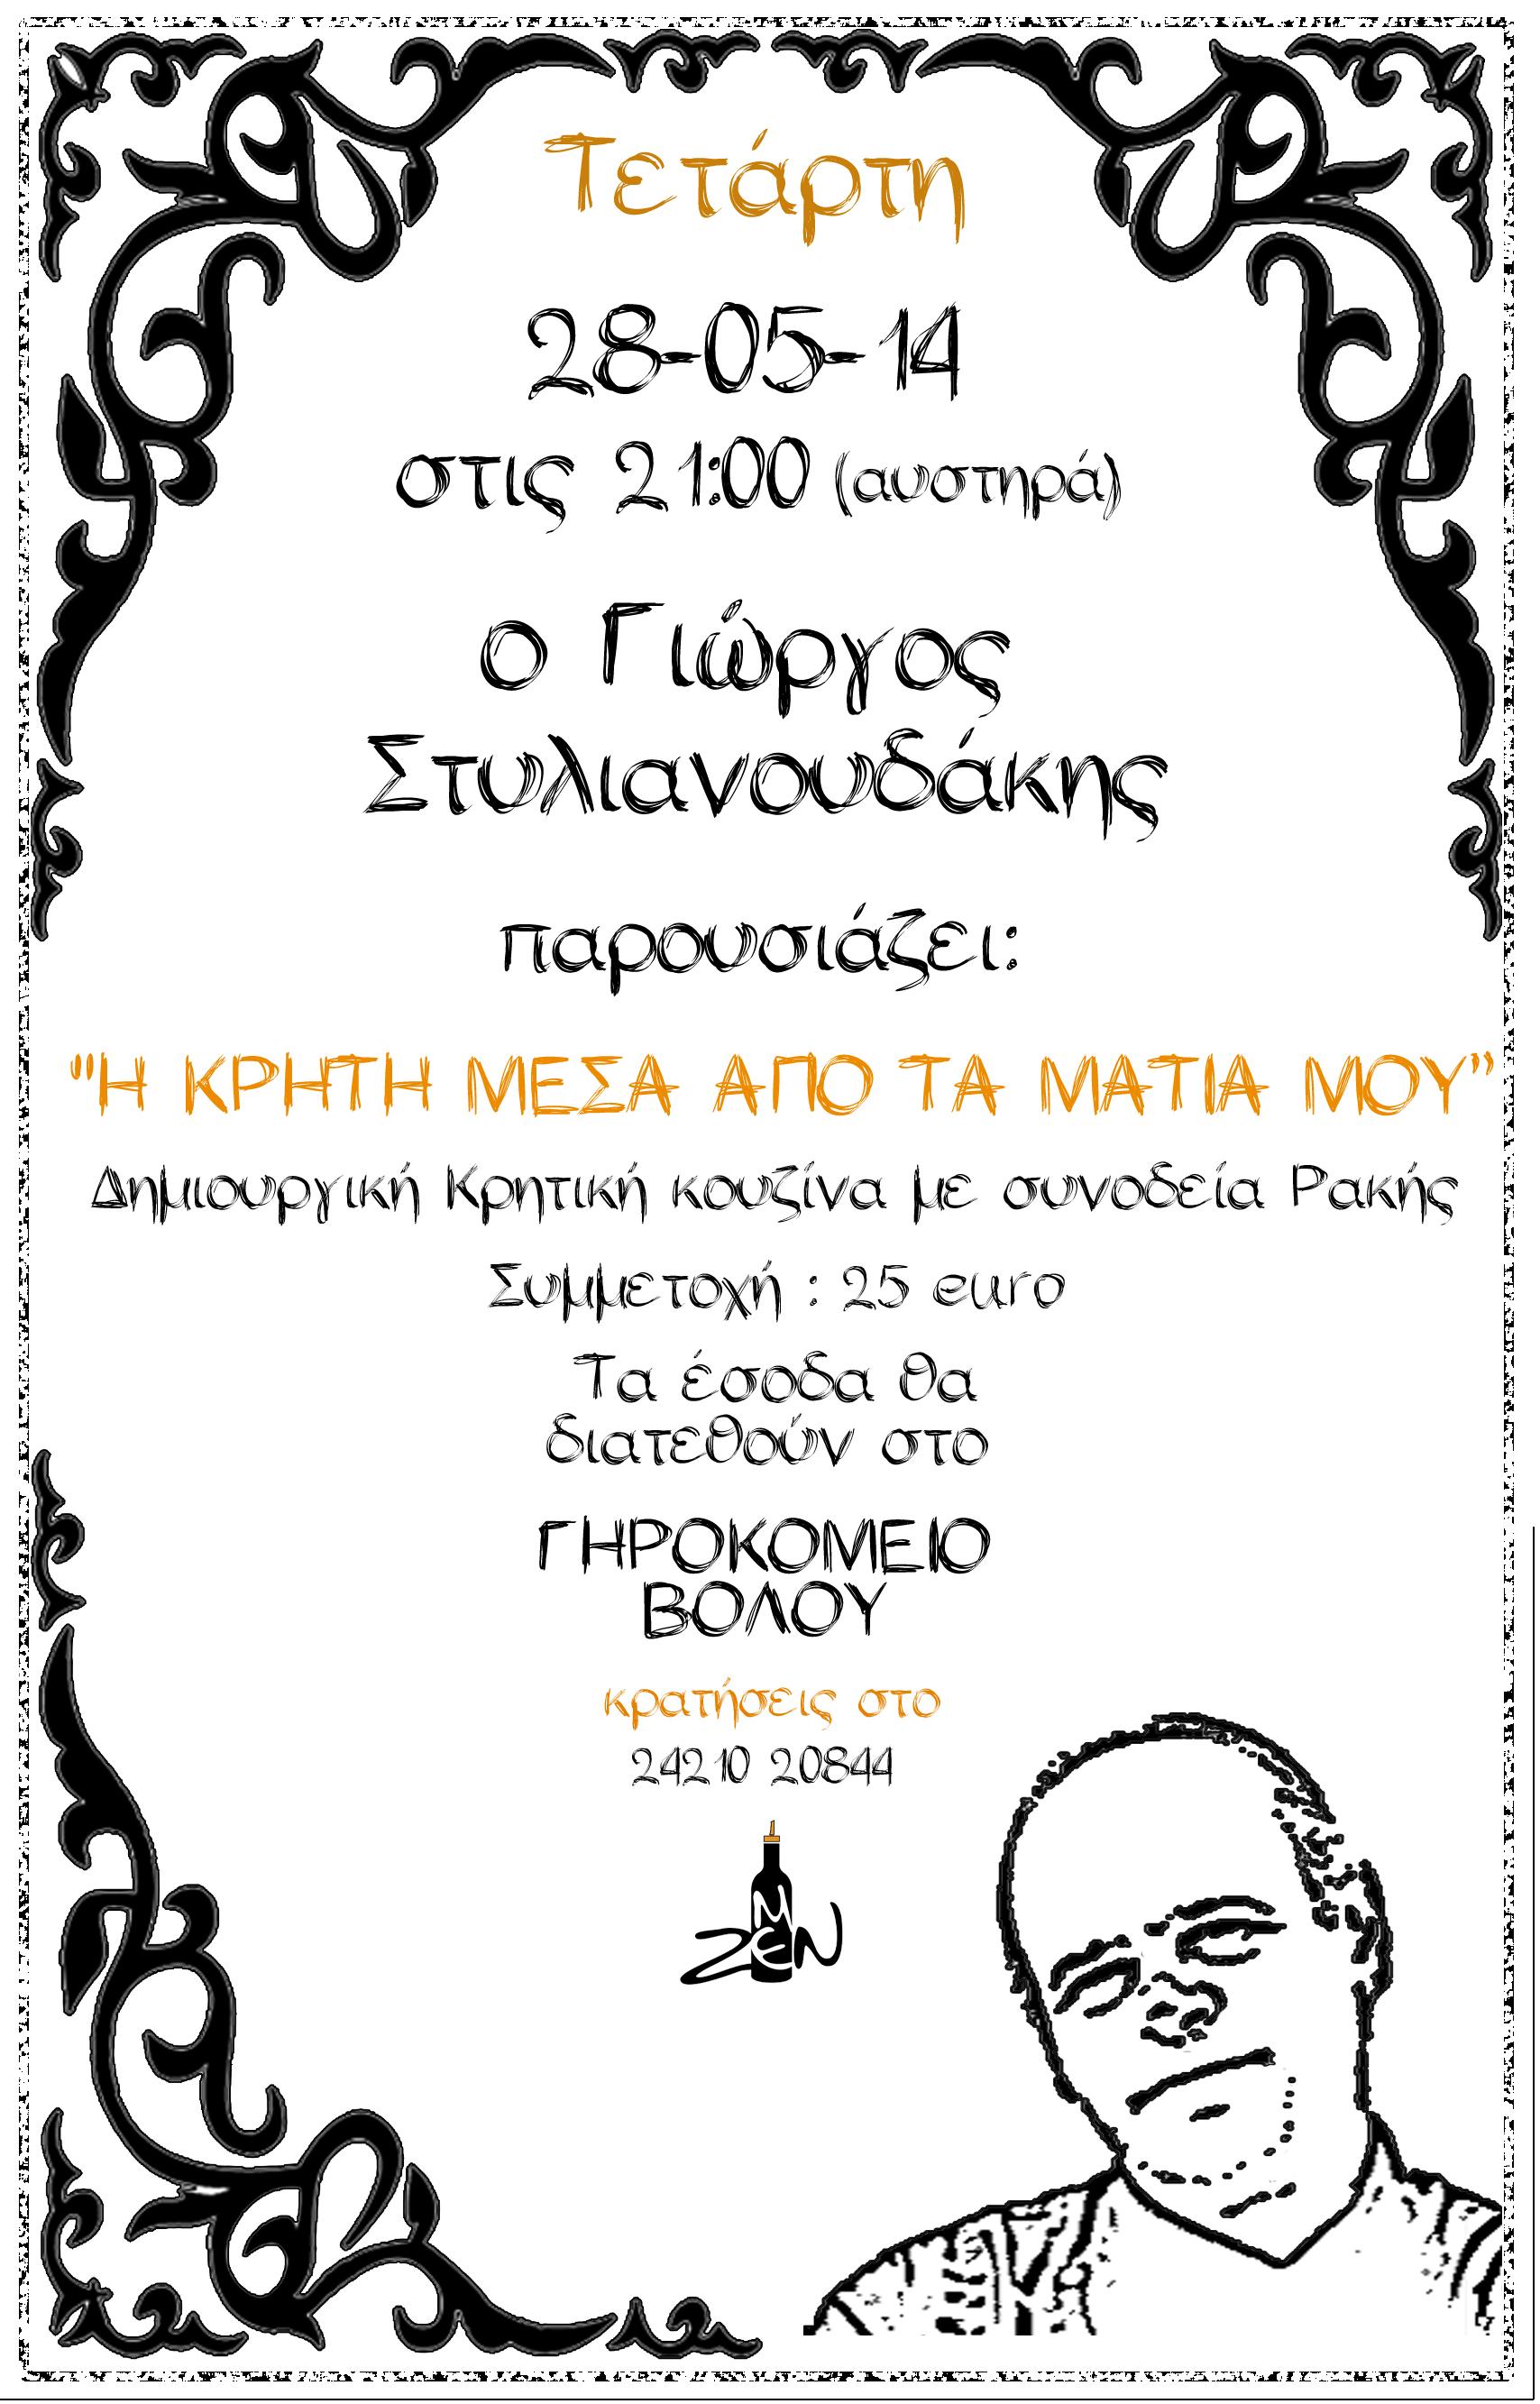 Γιώργος Στυλιανουδάκης - Η Κρήτη μέσα από τα μάτια μου